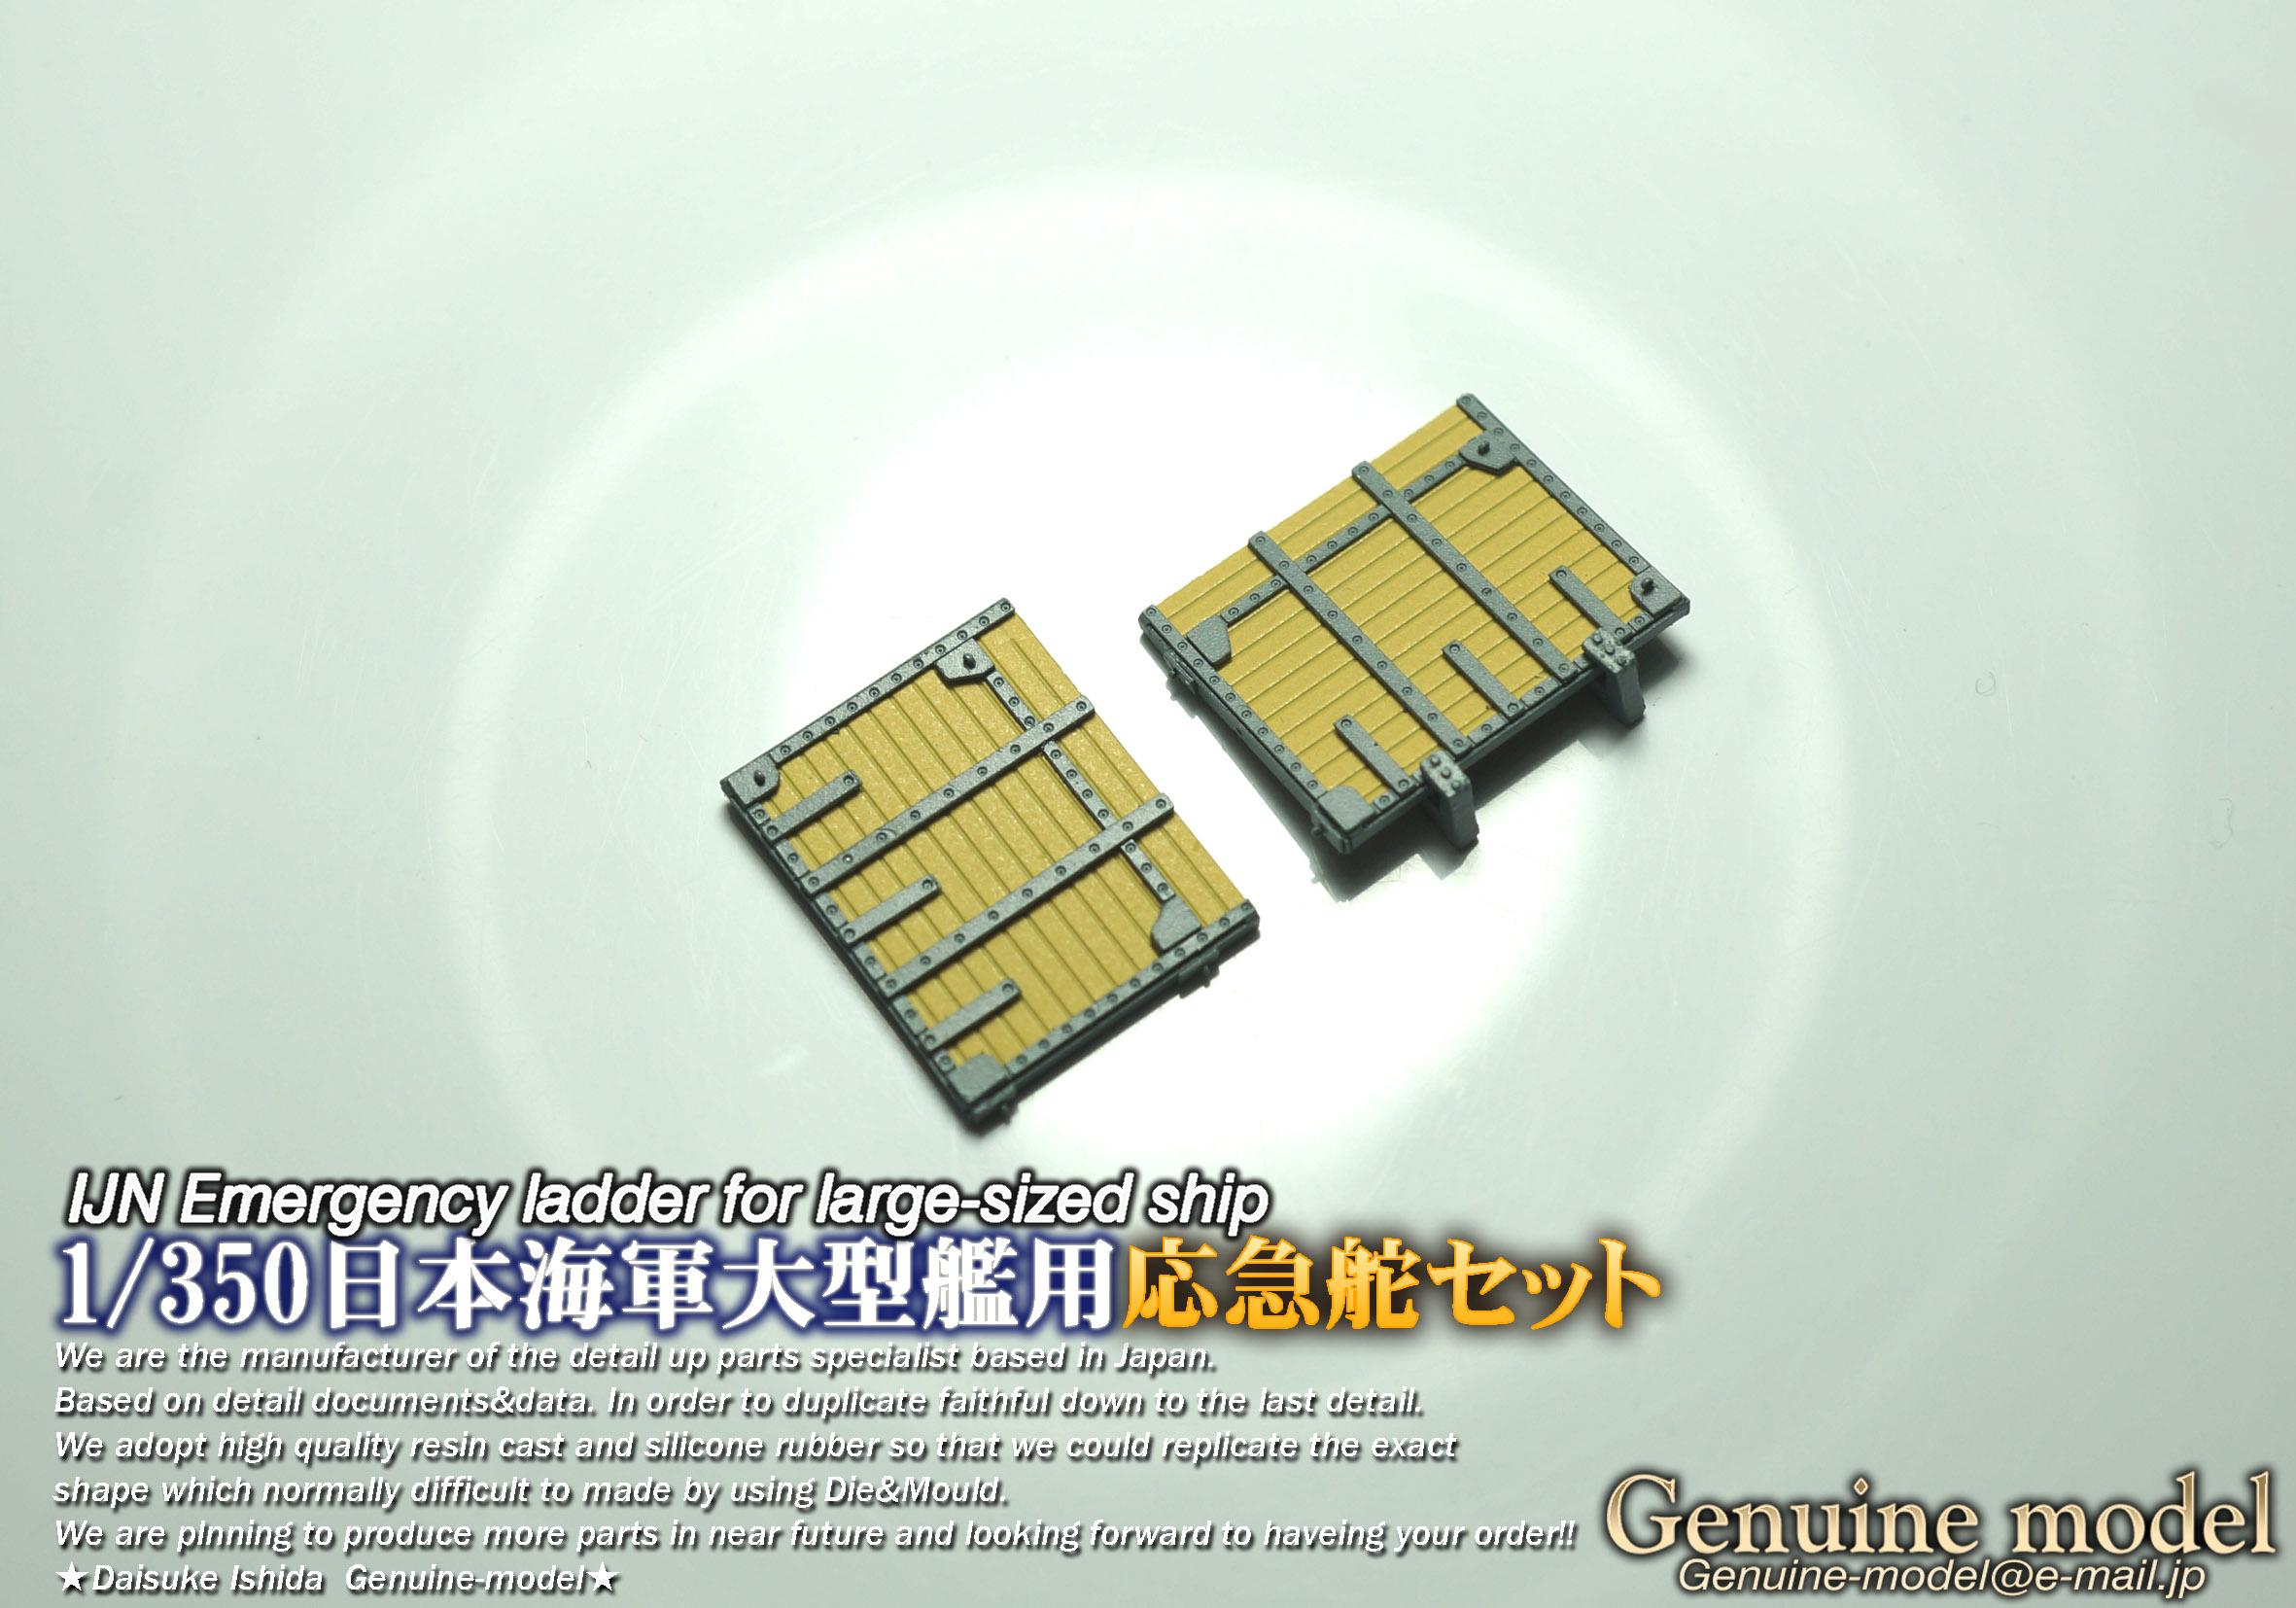 1/350日本海軍大型艦用応急舵セット